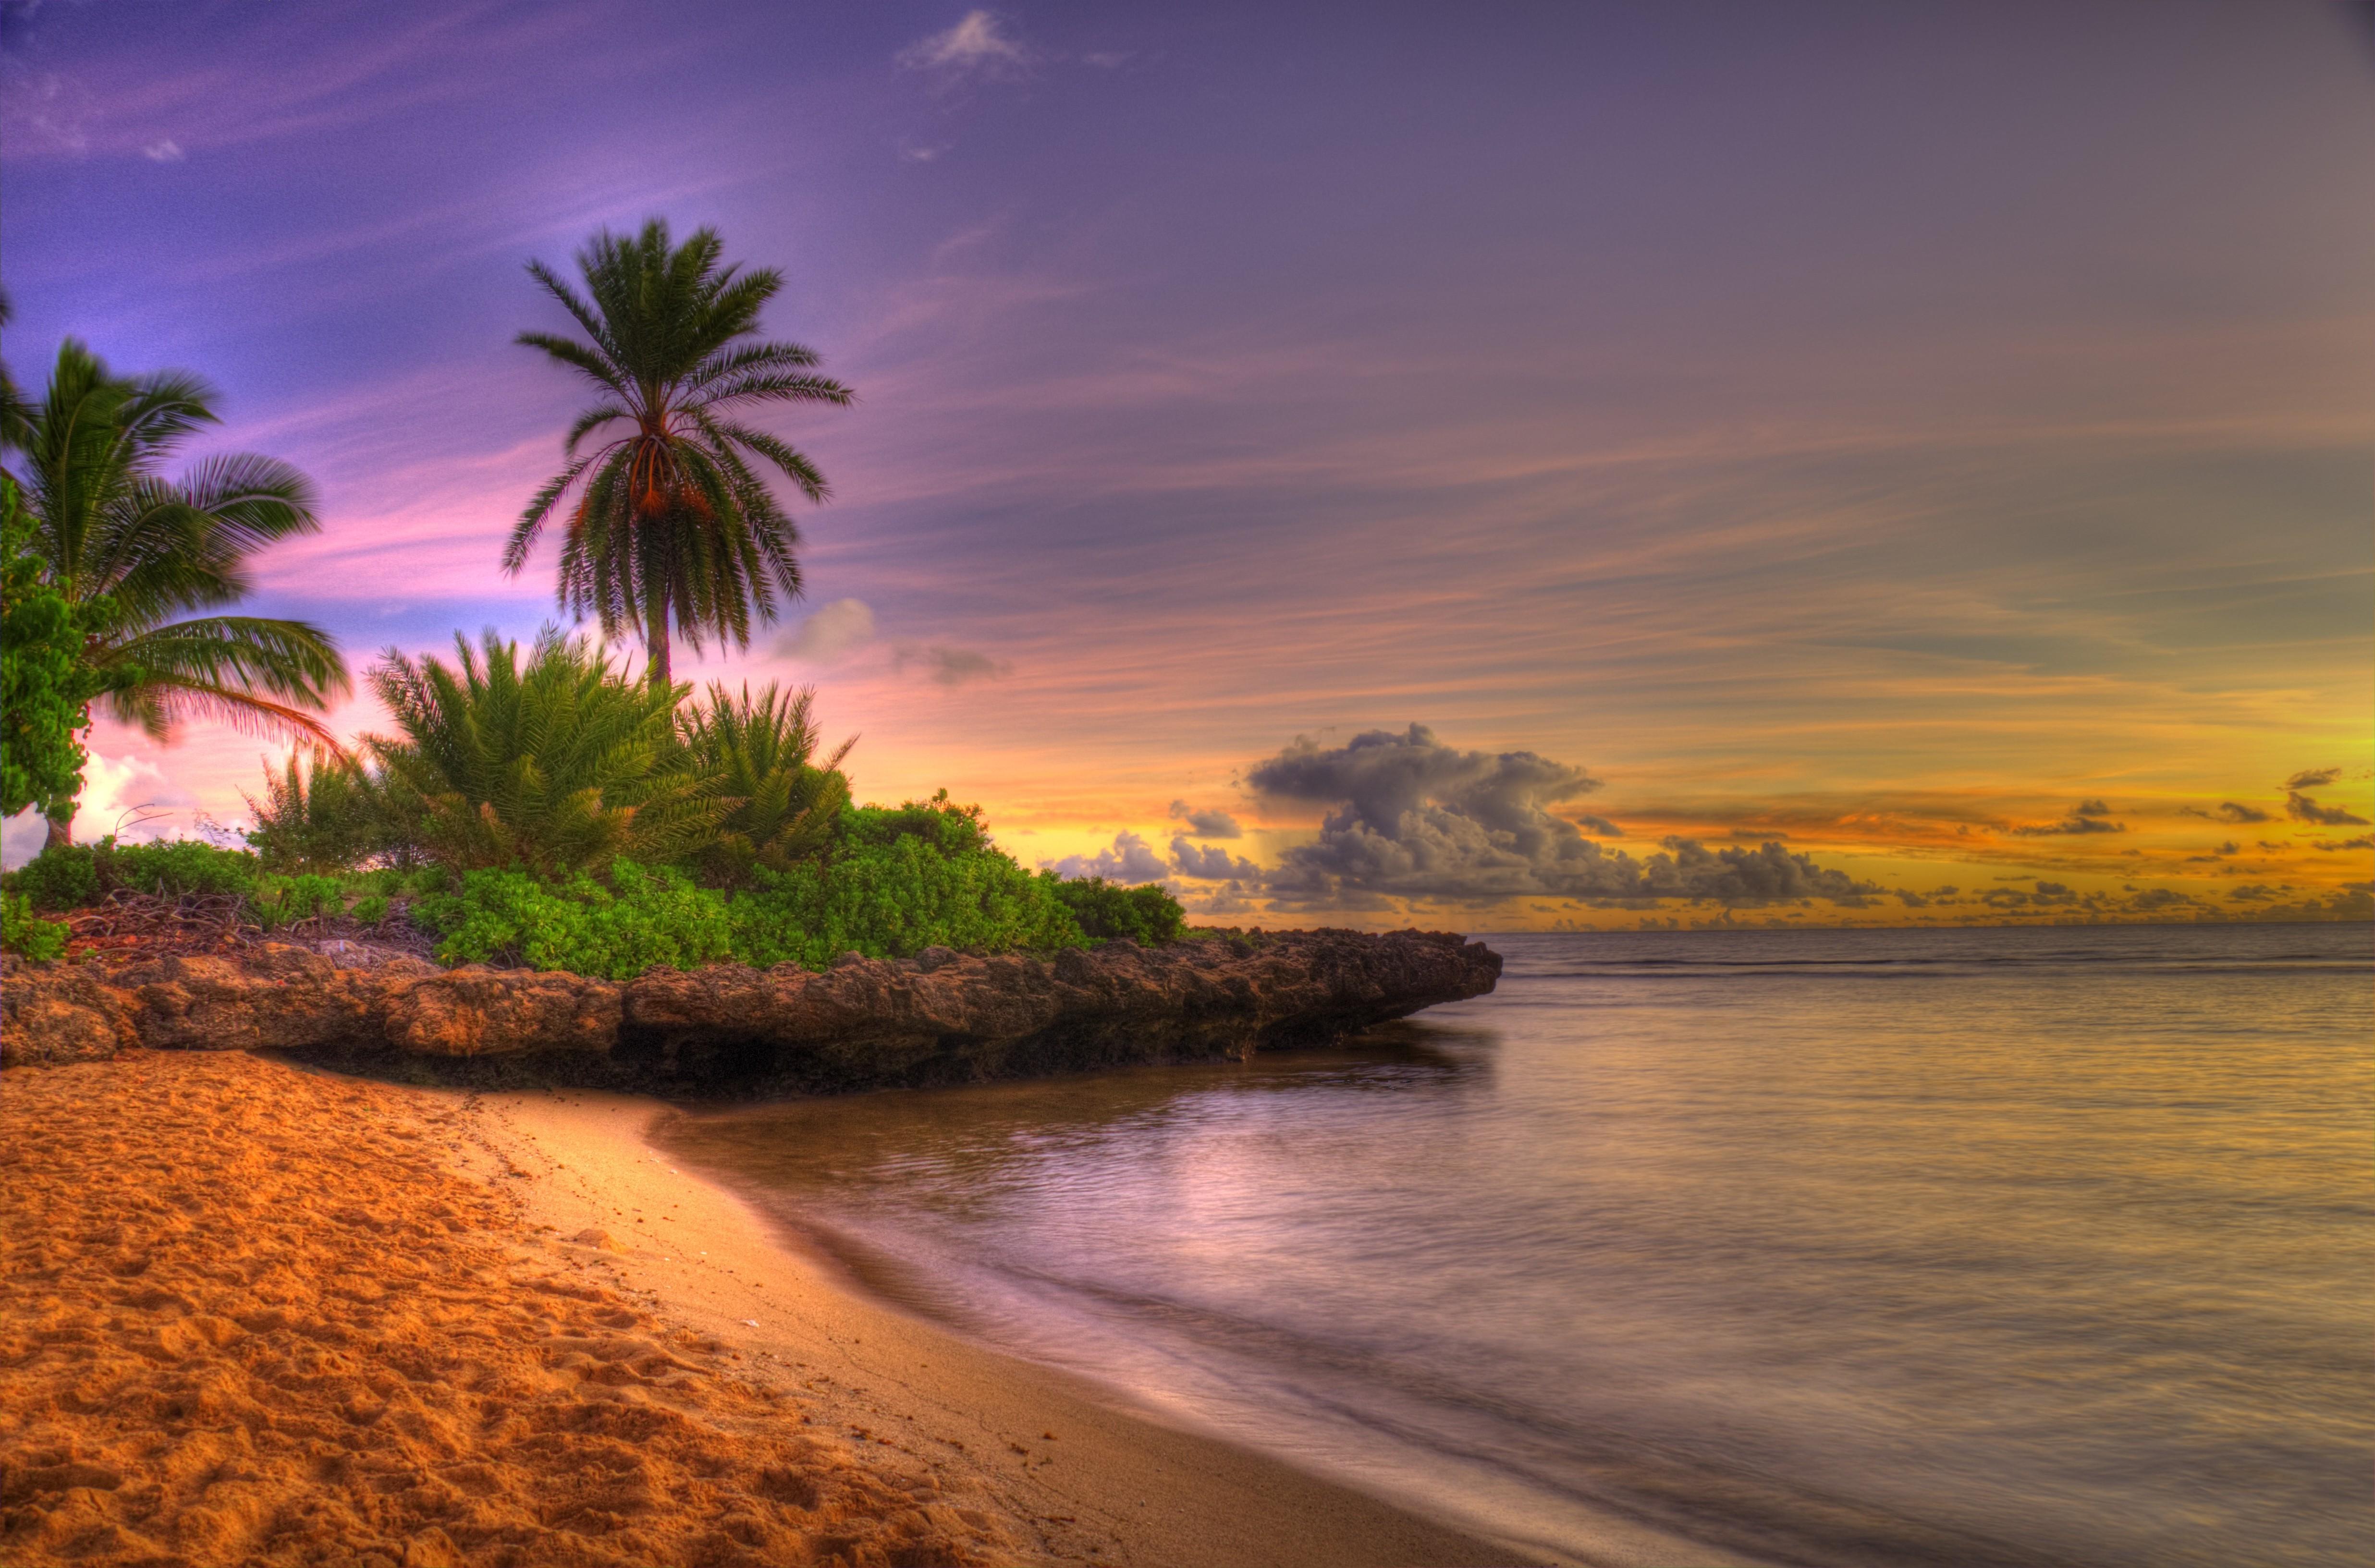 Beach Sunset Wallpapers 2397